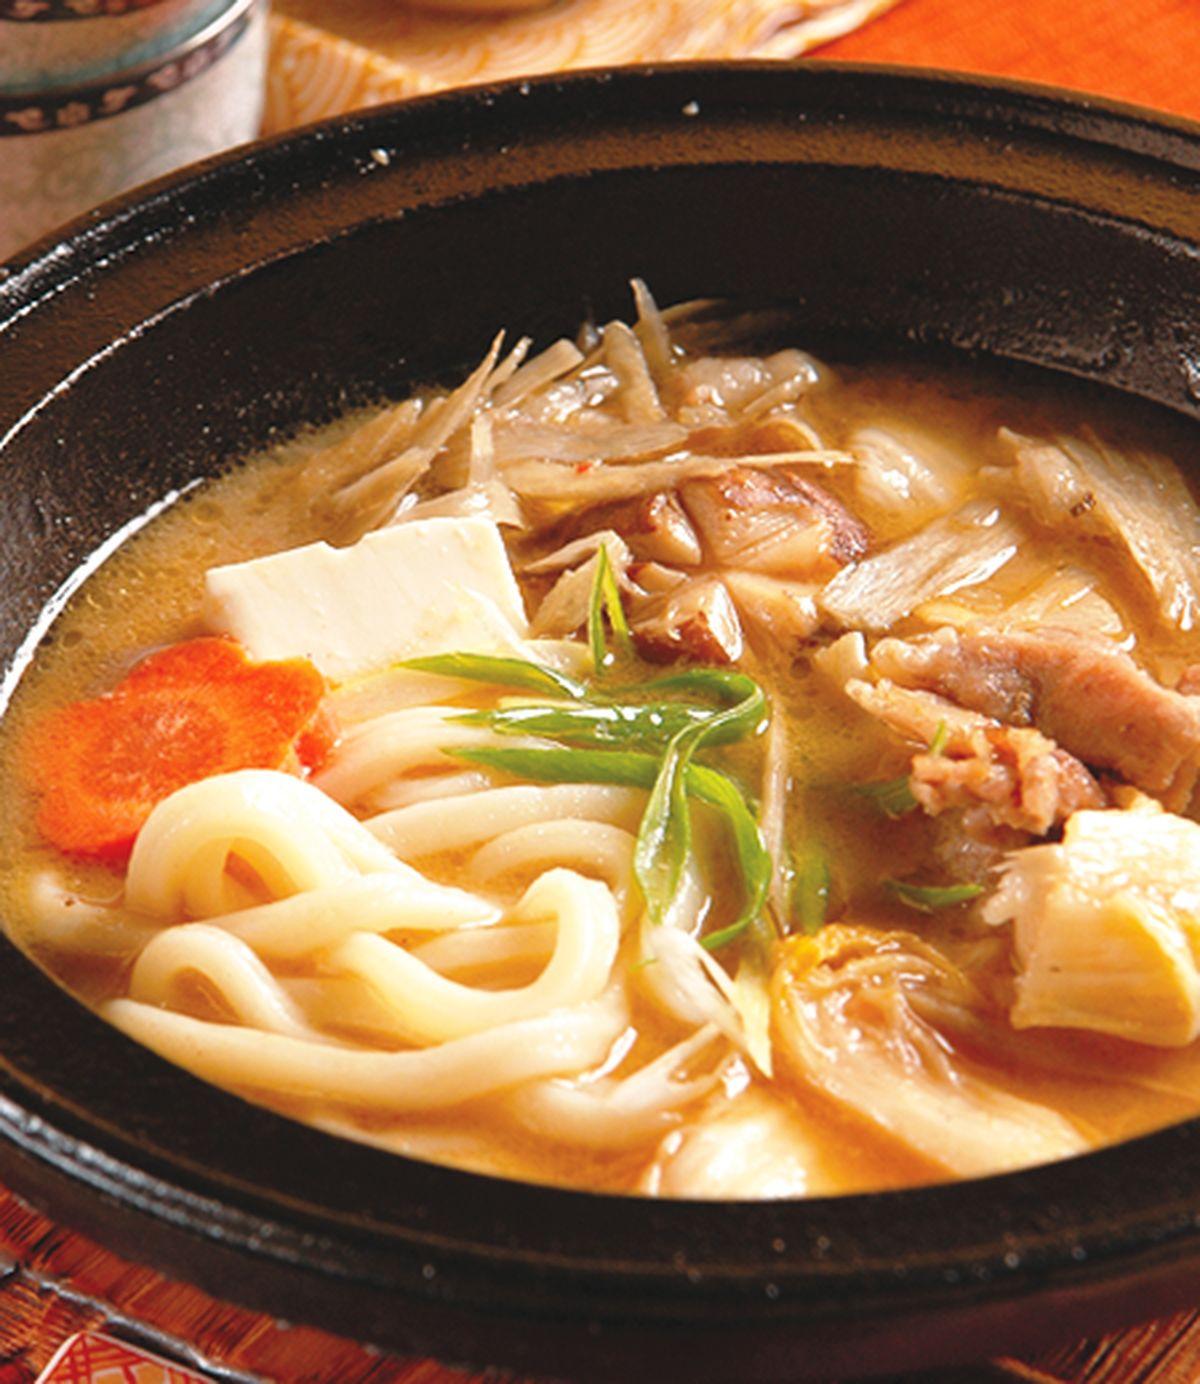 食譜:味噌泡菜烏龍麵